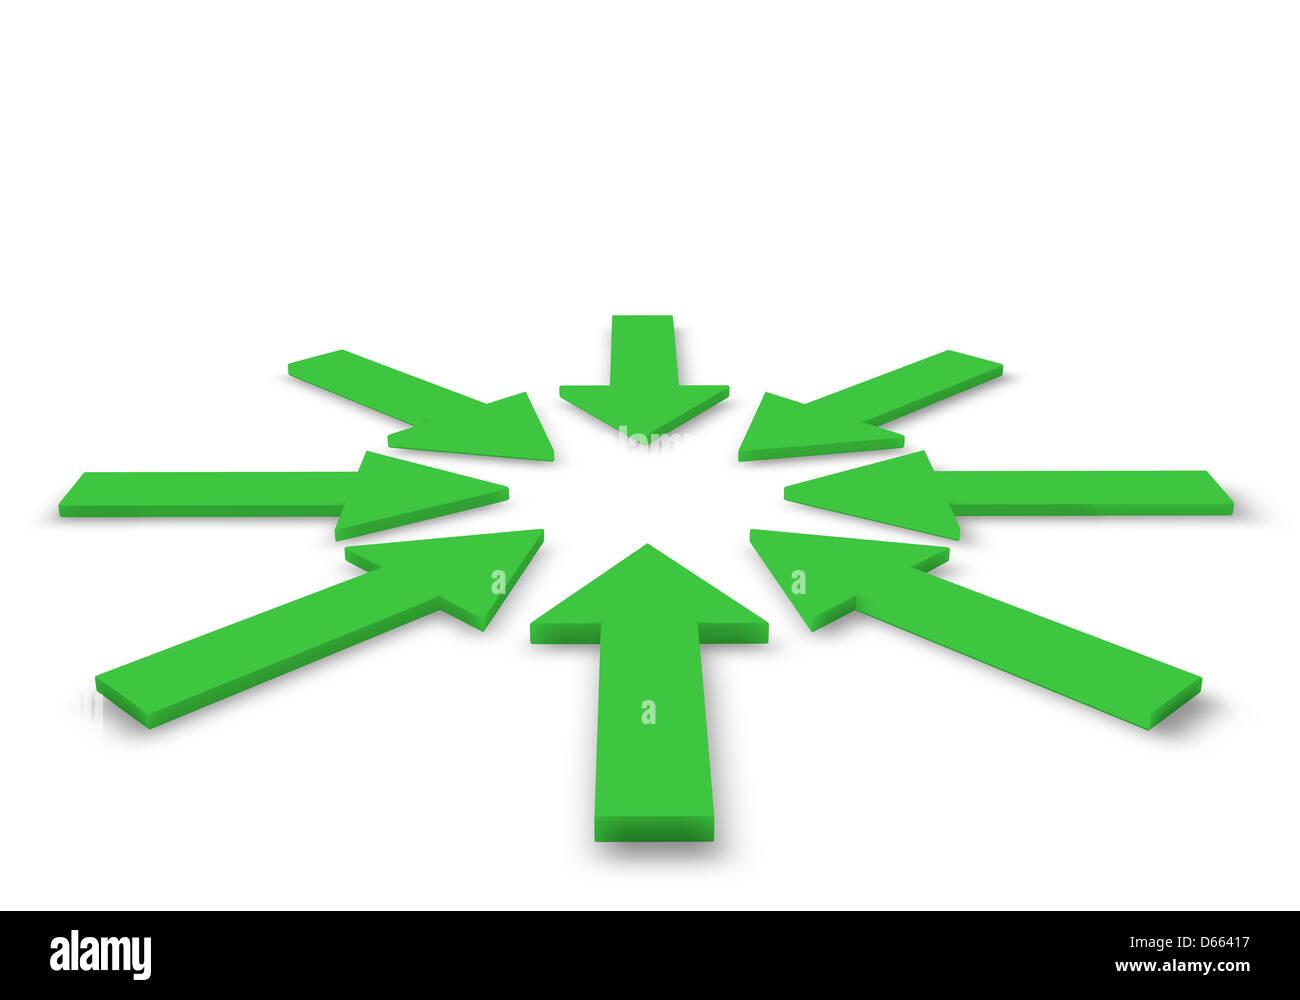 Grüne Pfeile in 3D illustration Stockbild